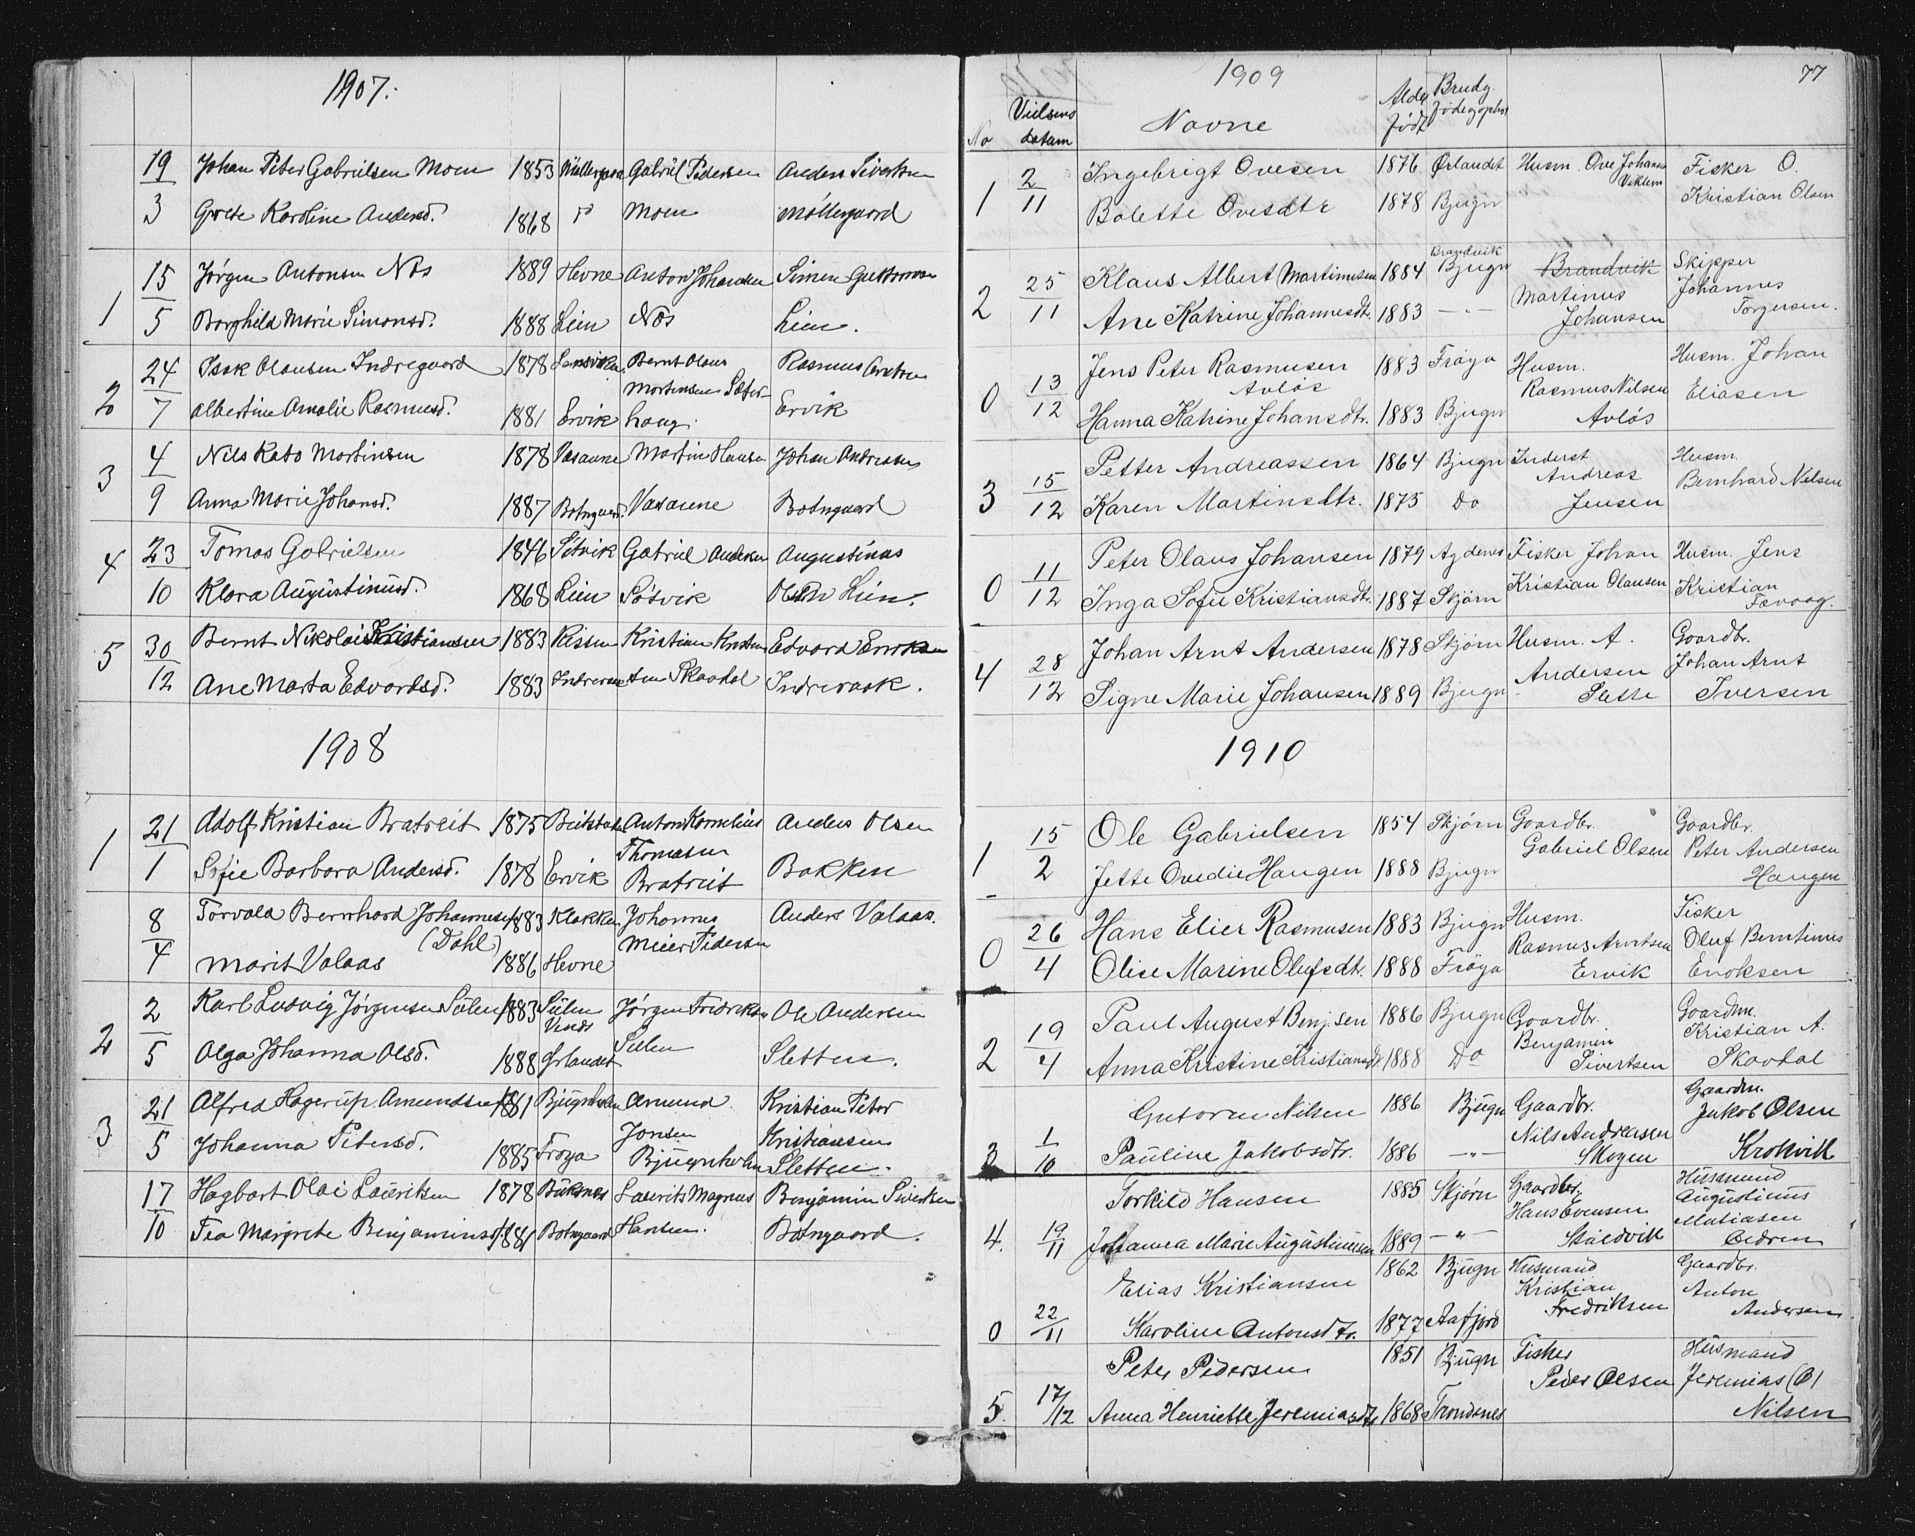 SAT, Ministerialprotokoller, klokkerbøker og fødselsregistre - Sør-Trøndelag, 651/L0647: Klokkerbok nr. 651C01, 1866-1914, s. 77